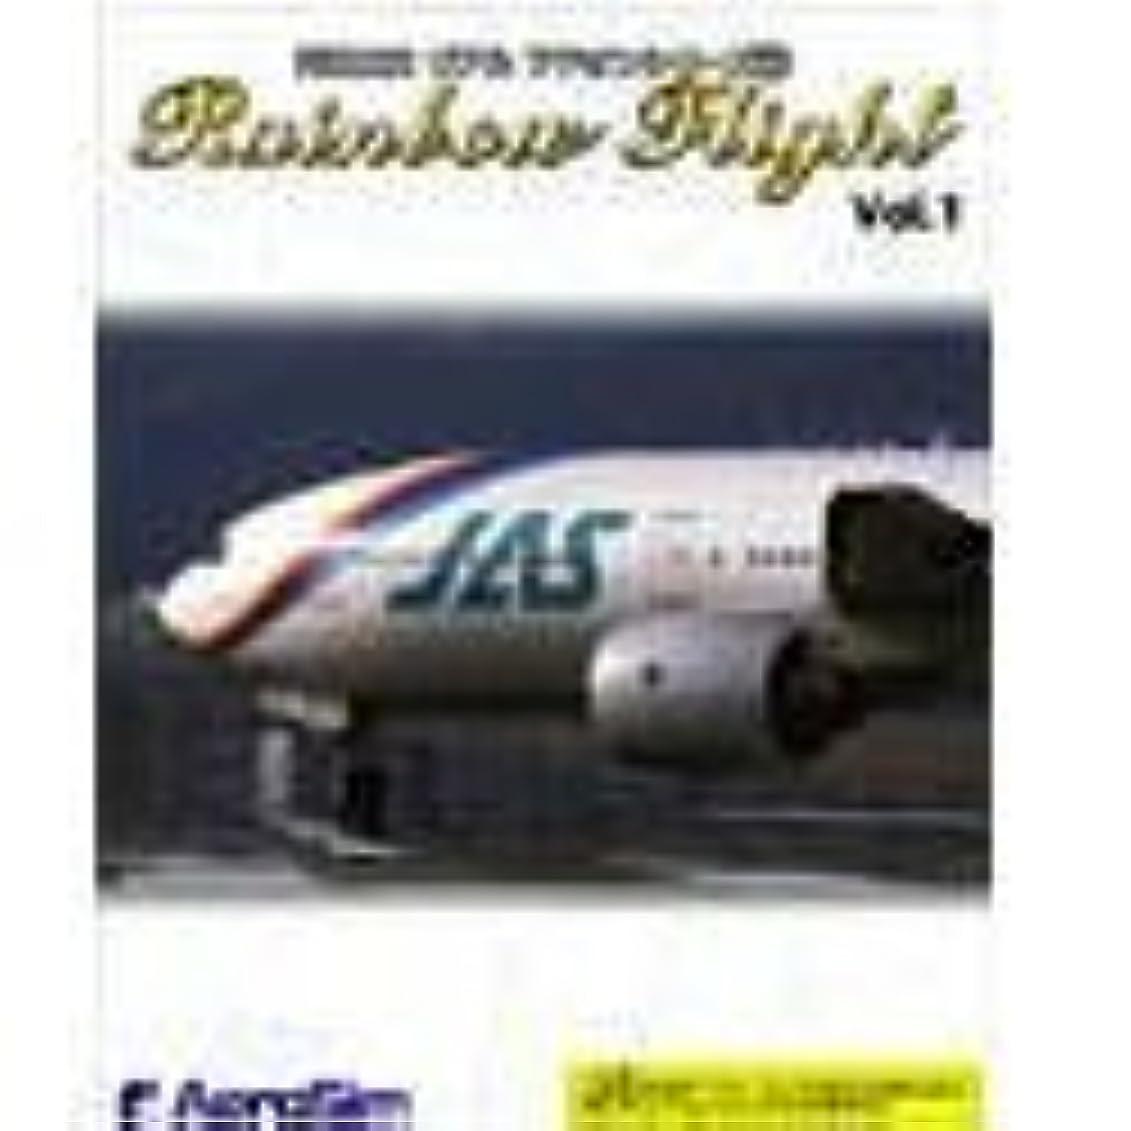 カンガルー止まるたぶんFS2002 リアルアドオンシリーズ 2 Rainbow Flight Vol.1